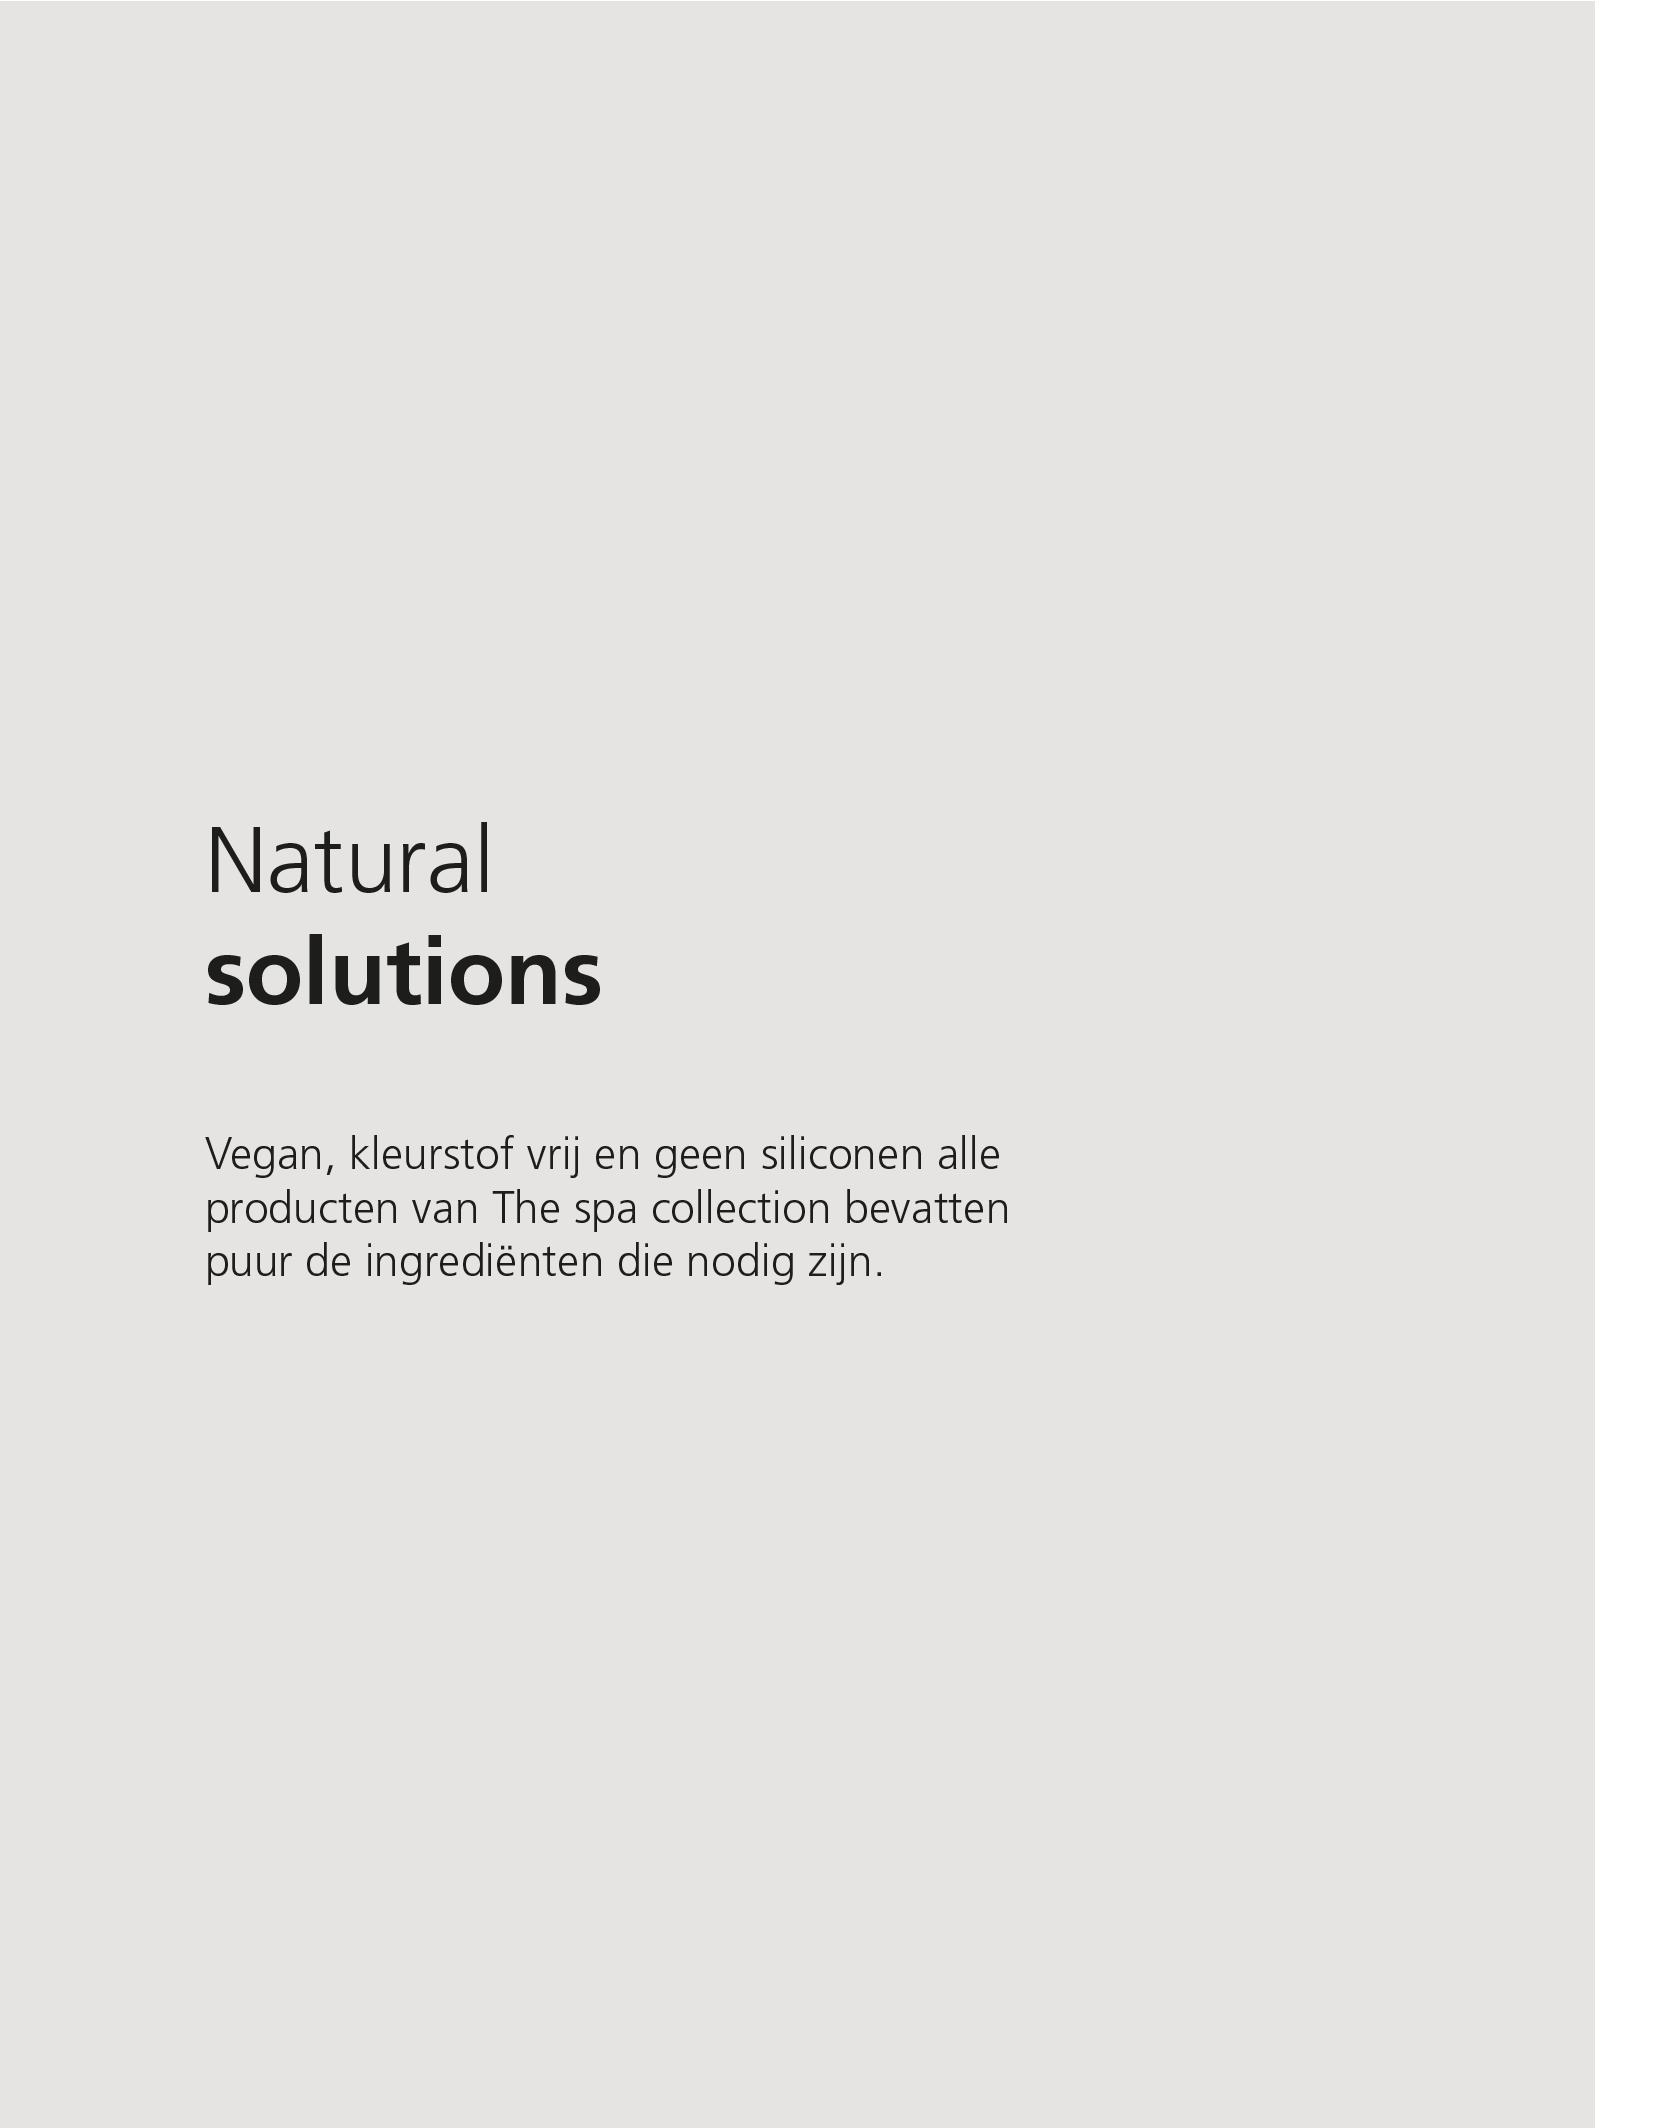 Natural solutions. Vegan, kleurstof vrij en geen siliconen, alle producten van The Spa Collection bevatten puur de ingrediënten die nodig zijn.